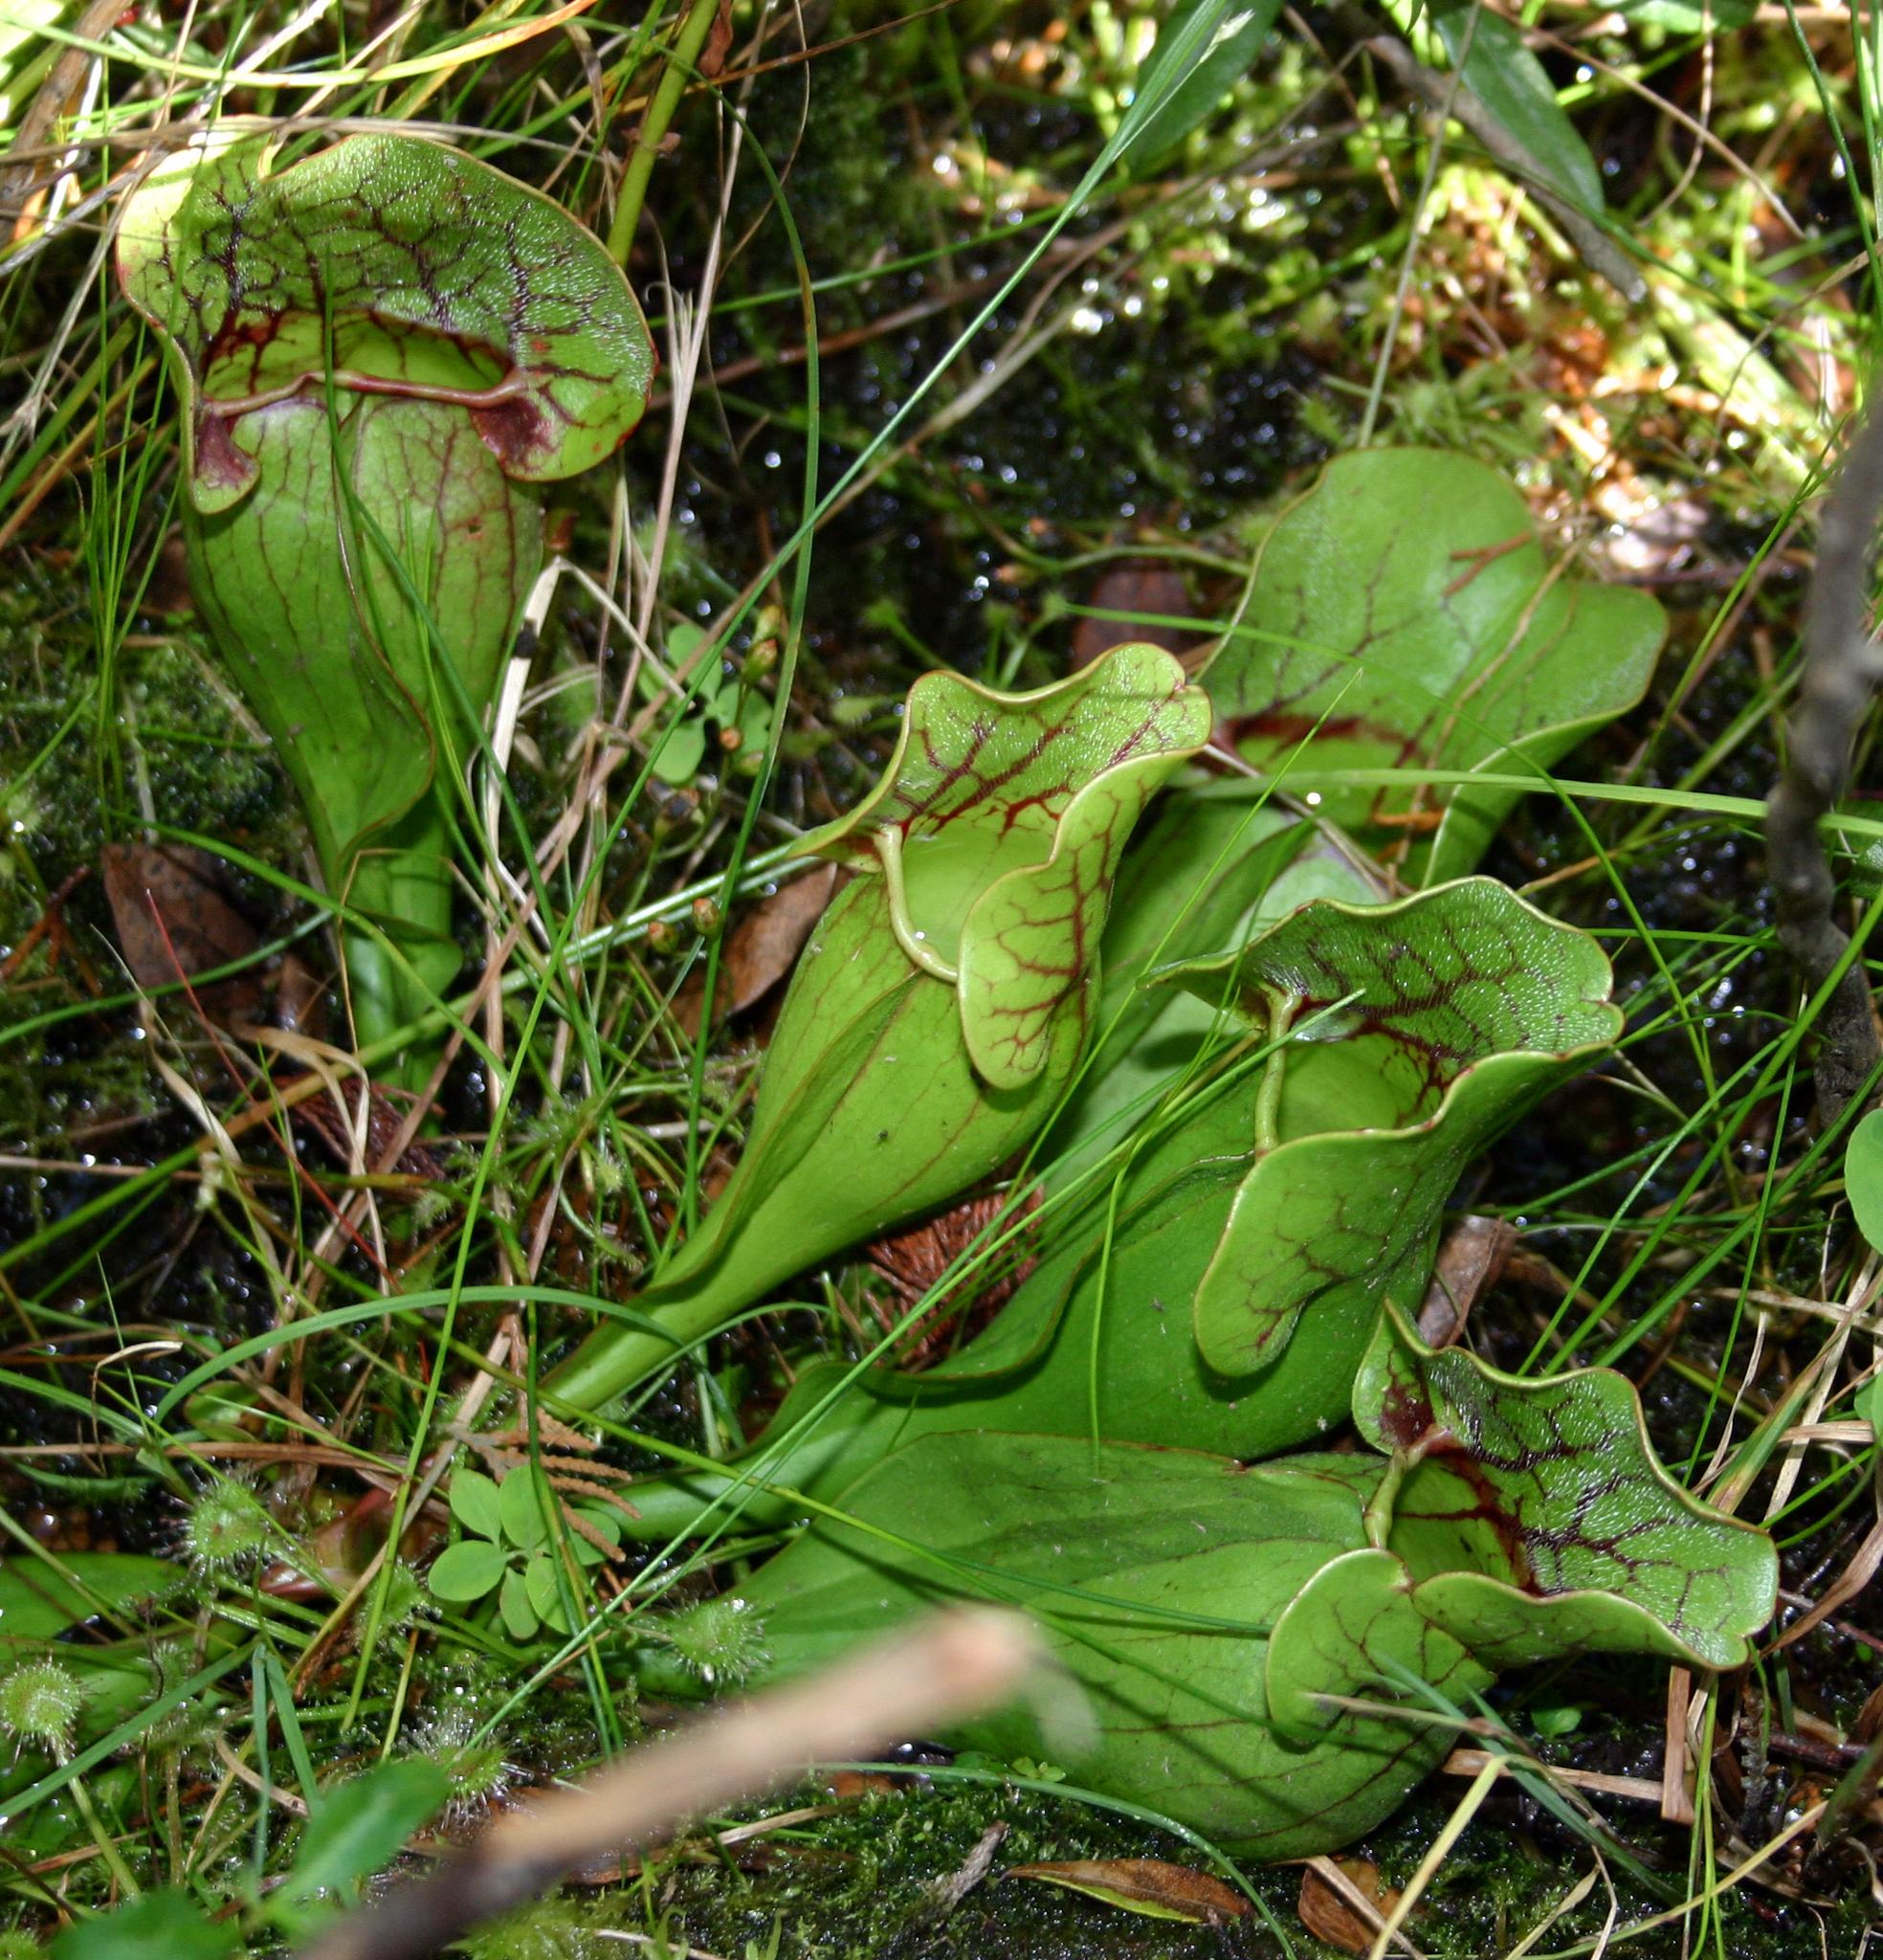 Florida Medicinal Plants